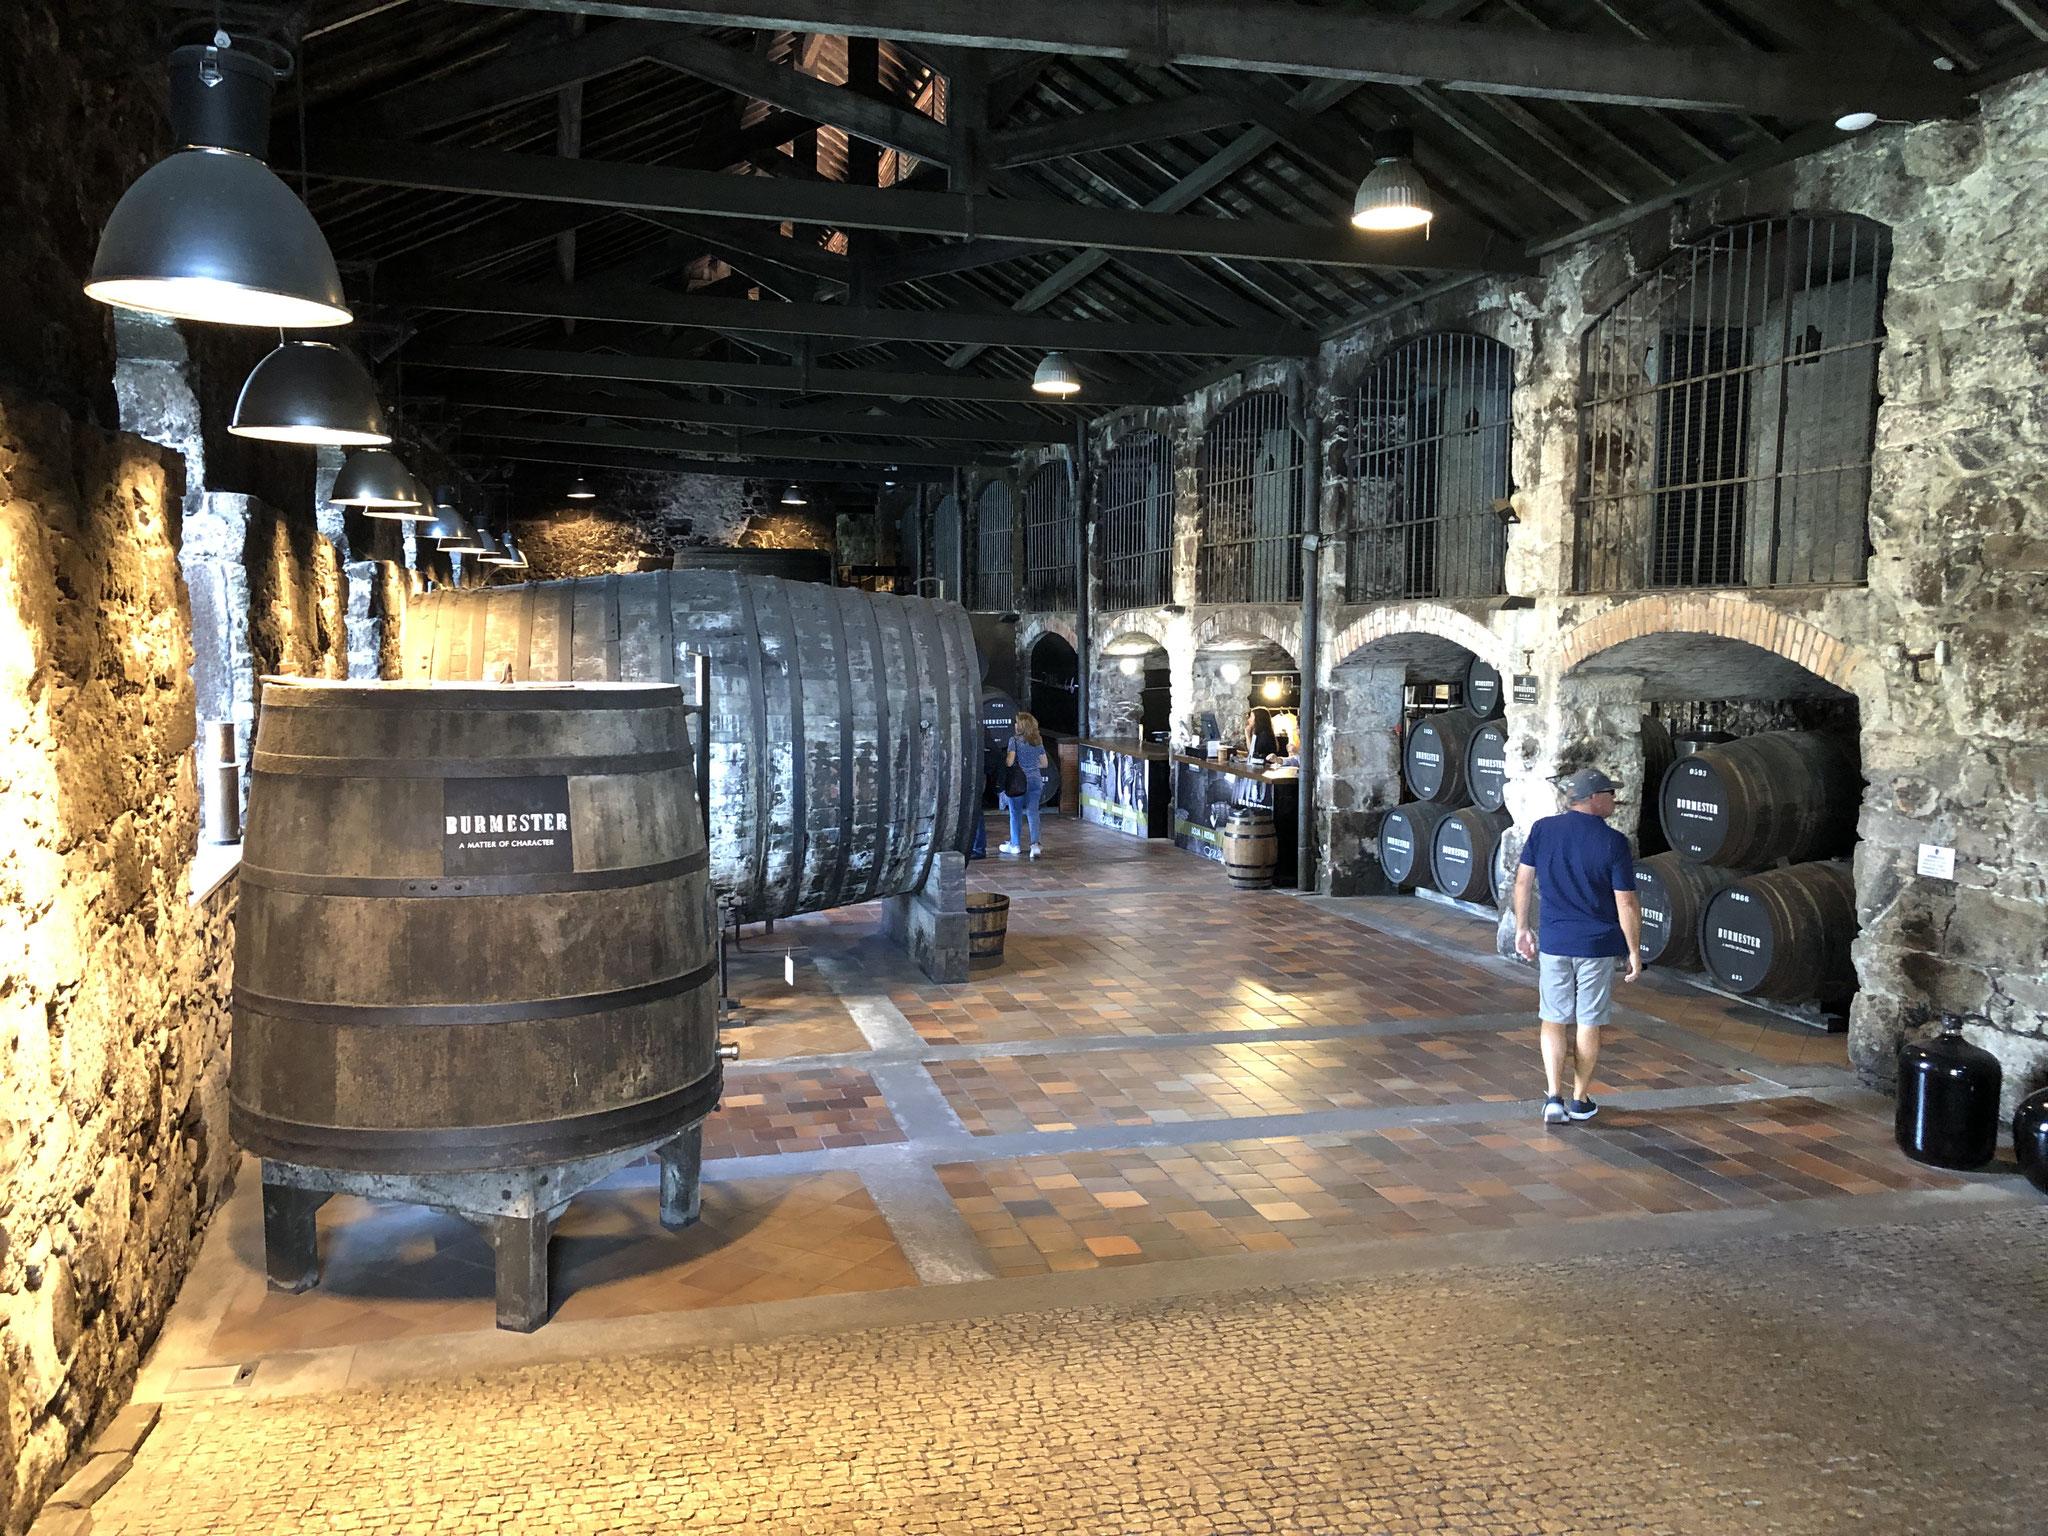 Einer der vielen Portweinhersteller...